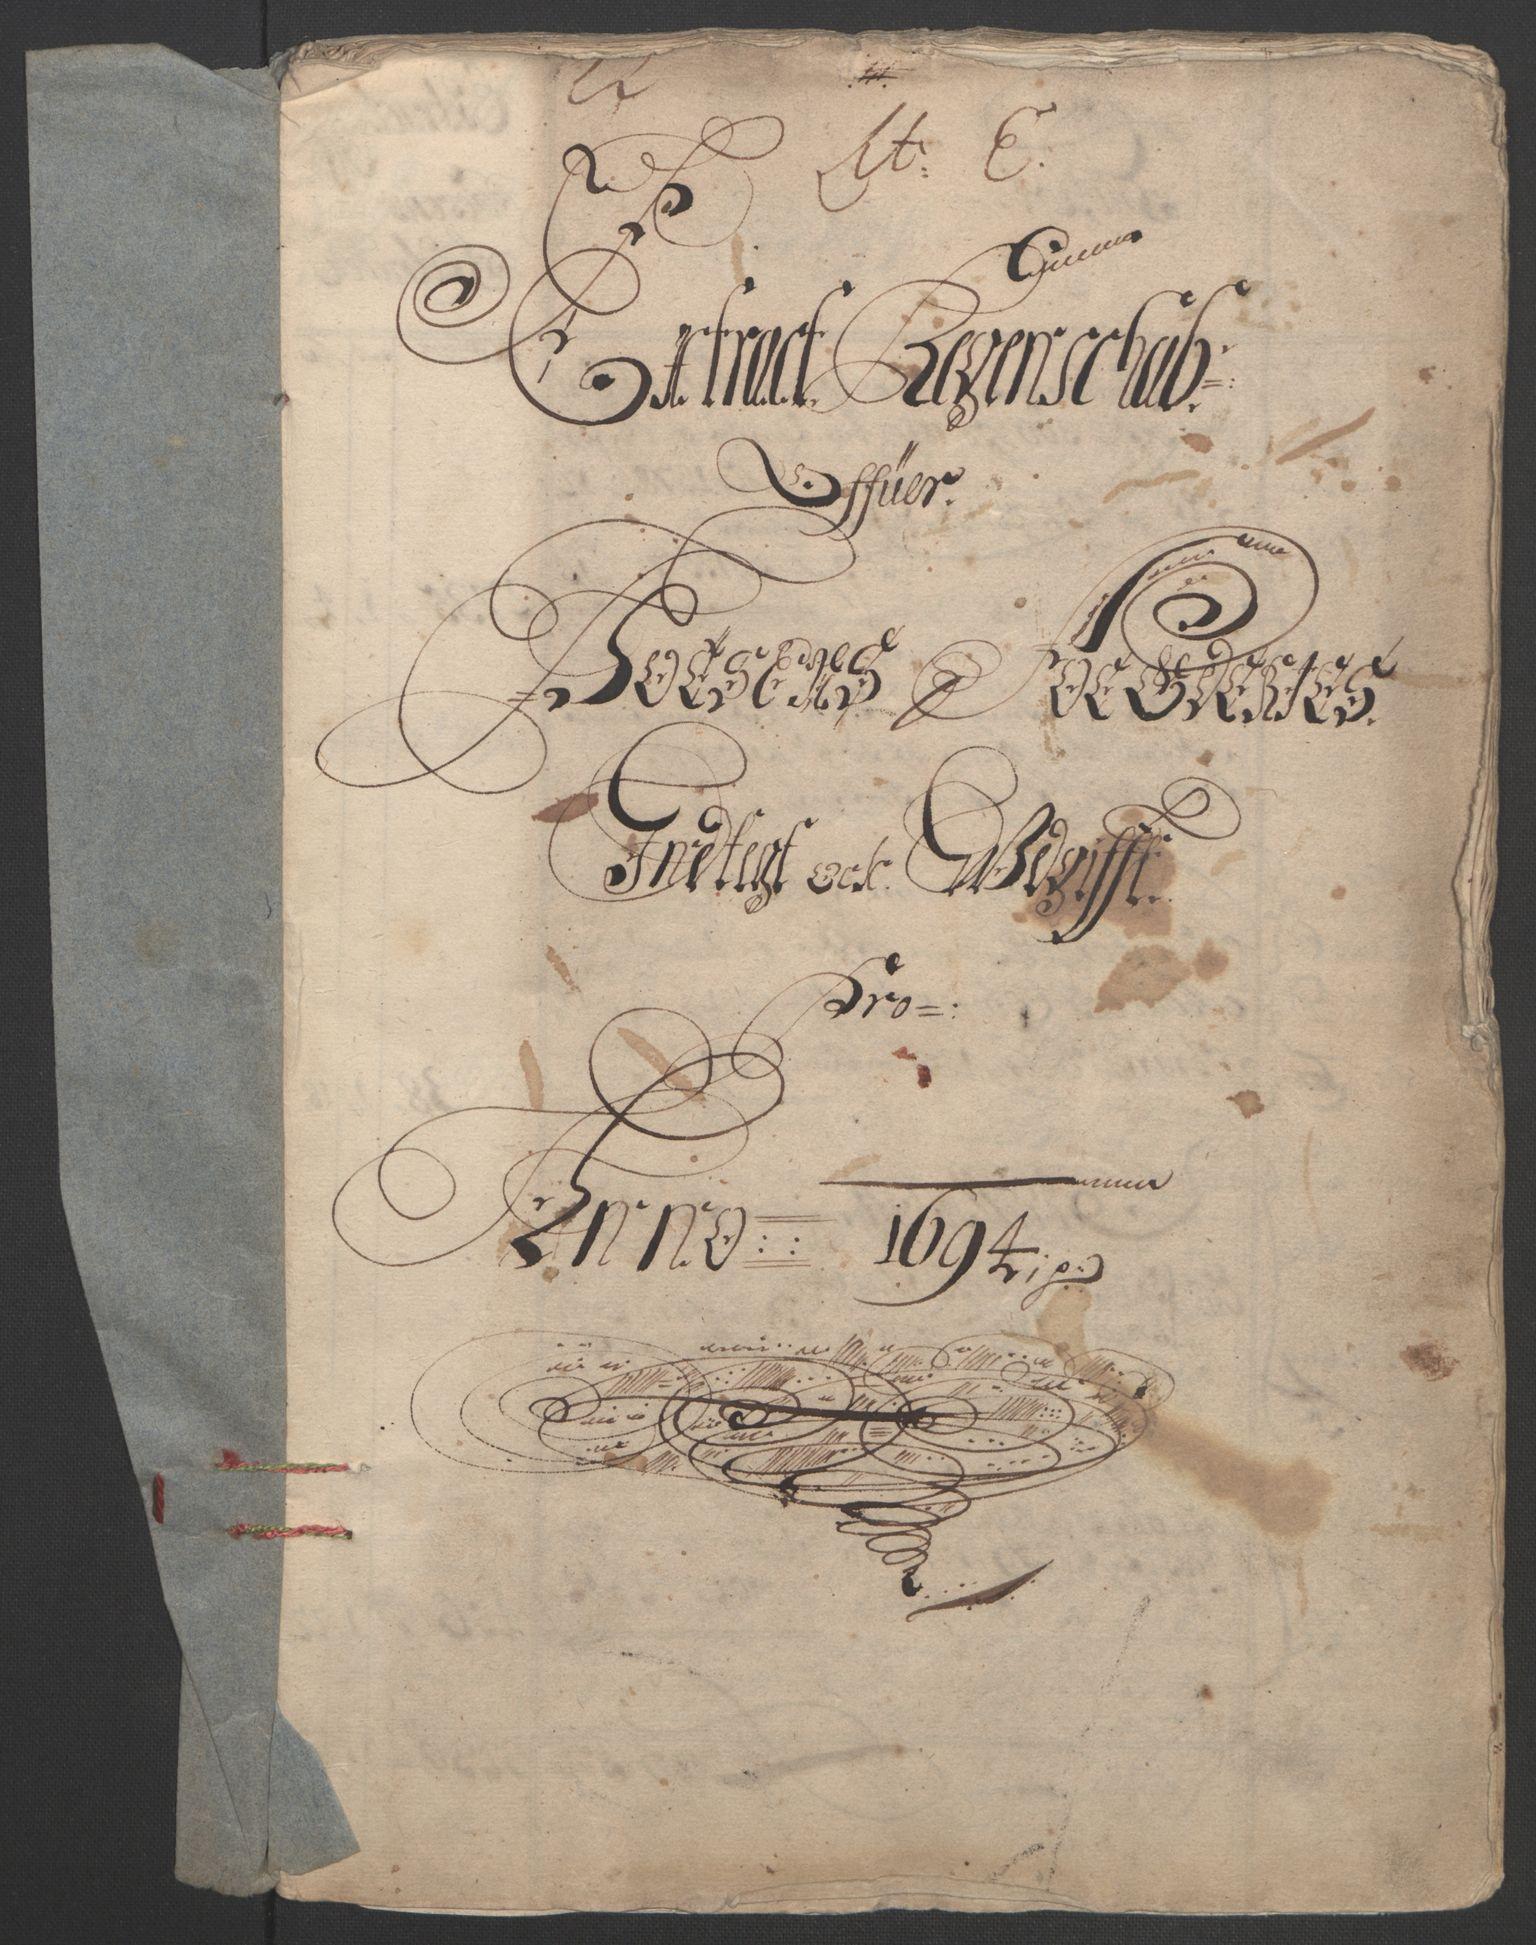 RA, Rentekammeret inntil 1814, Reviderte regnskaper, Fogderegnskap, R57/L3850: Fogderegnskap Fosen, 1694, s. 3